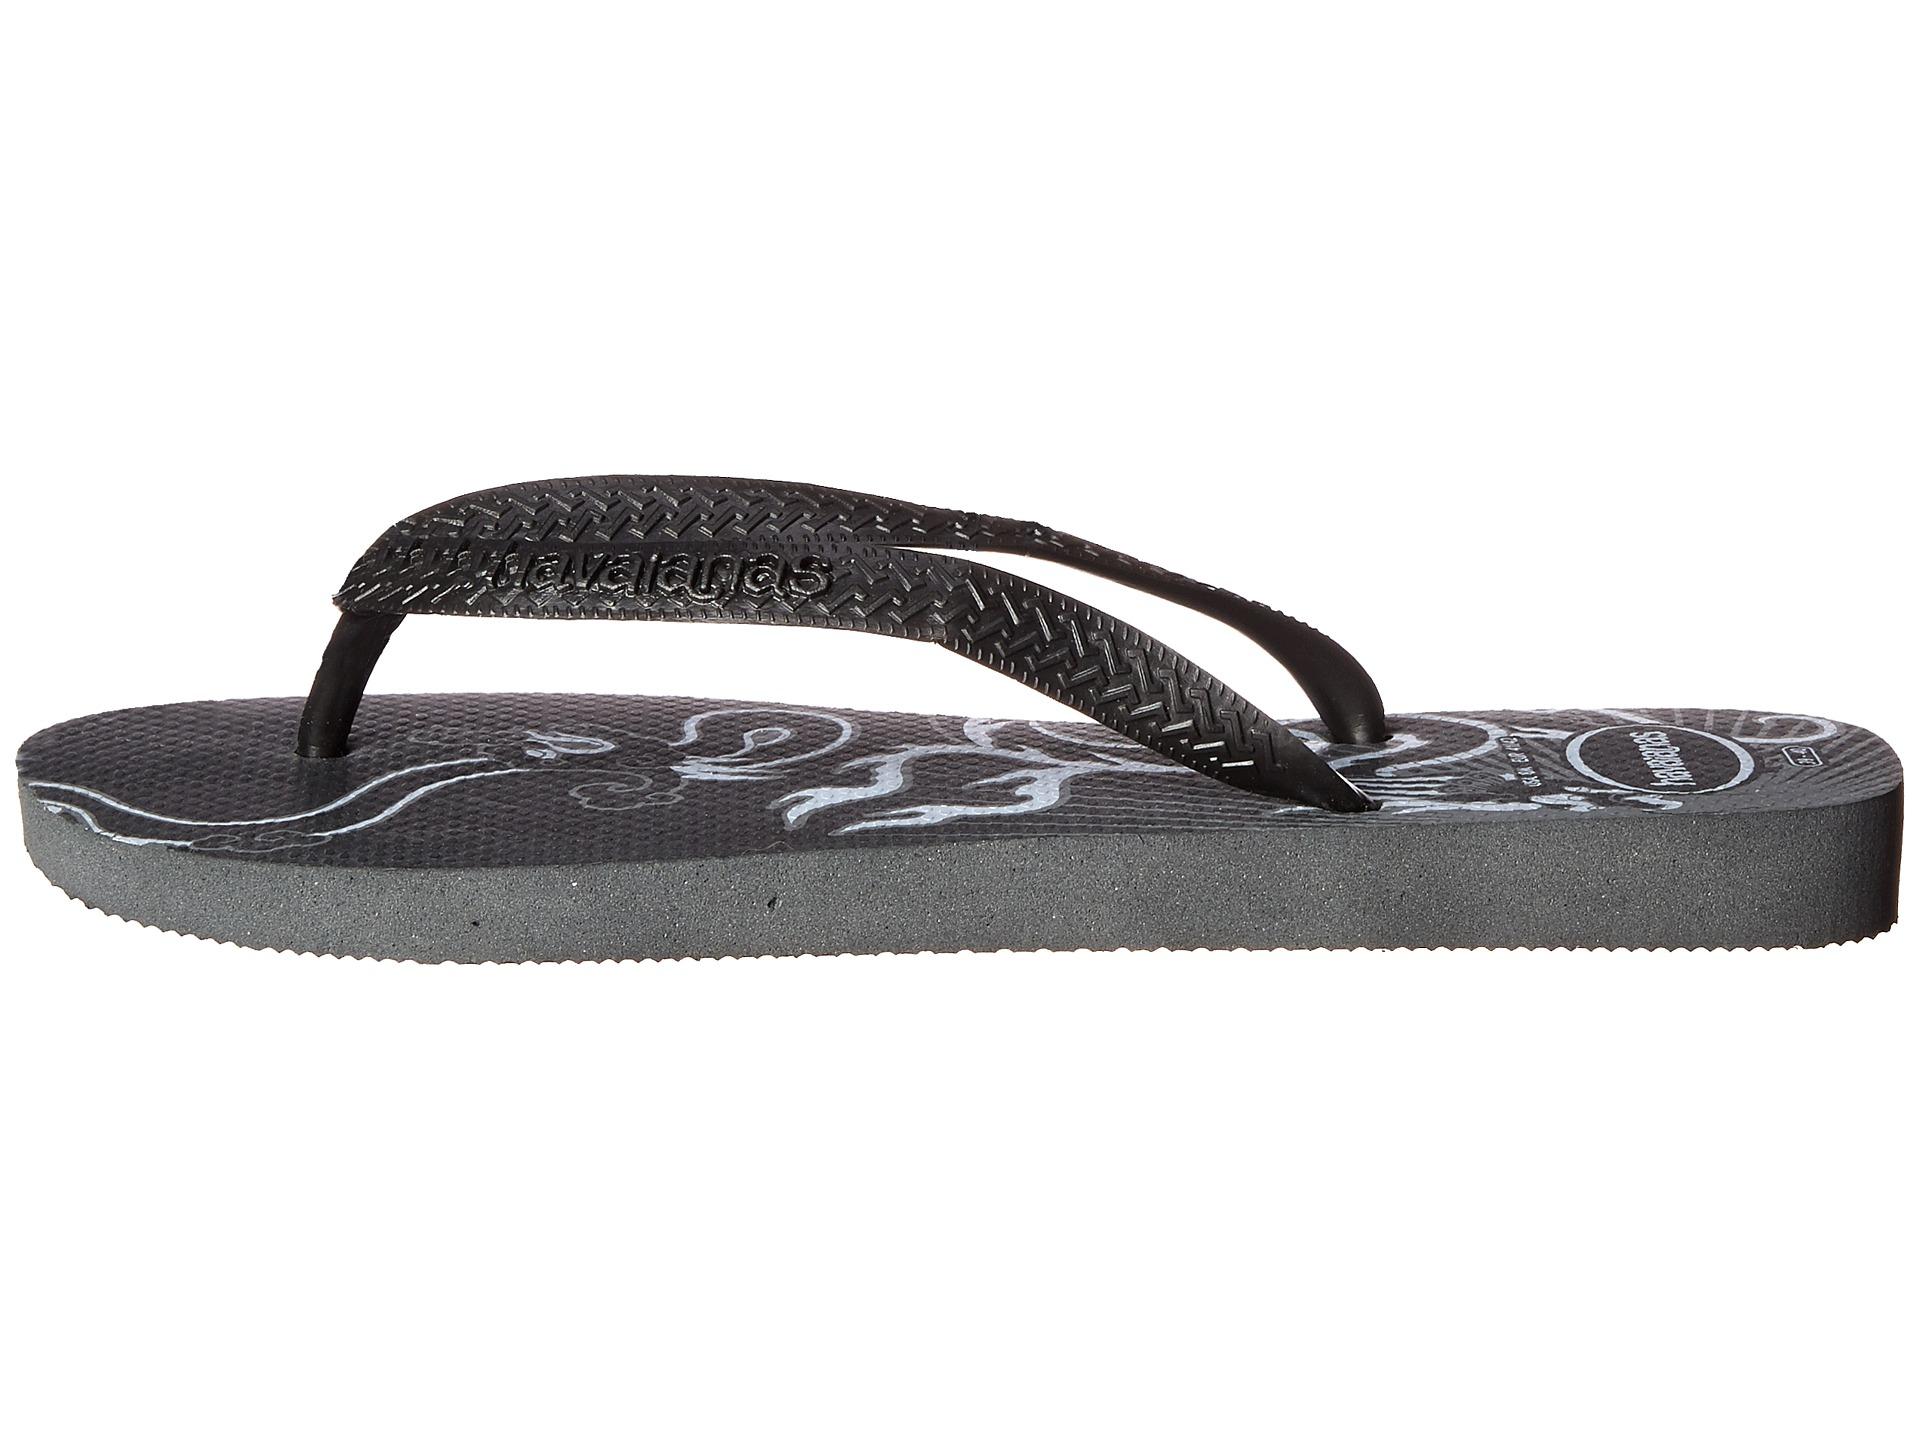 c13cd97c008401 Lyst - Havaianas Bravo Flip Flops in Gray for Men